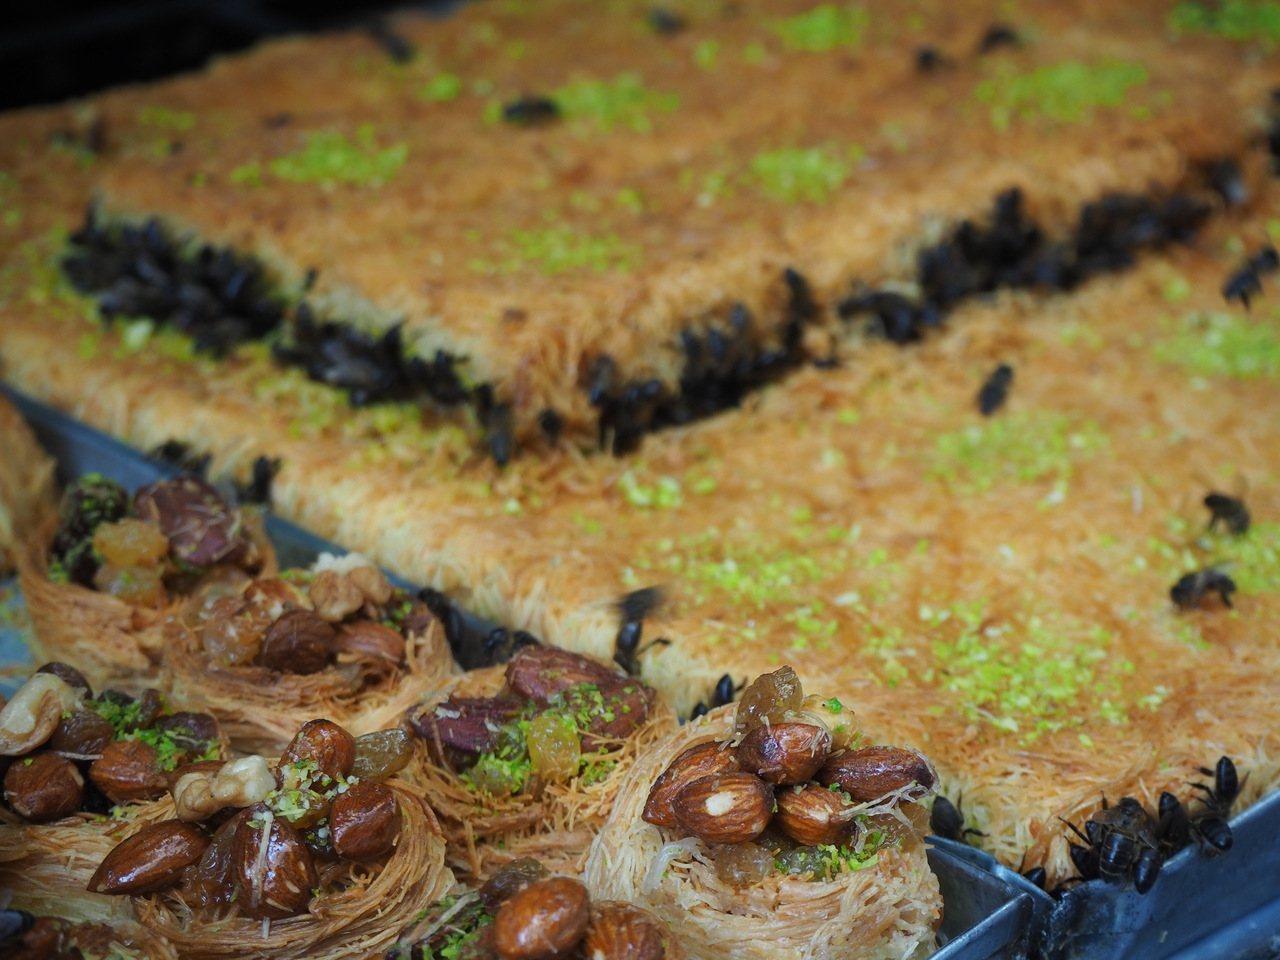 菲斯的甜點,布滿飛舞或嘗食的蜜蜂。記者羅建怡/攝影